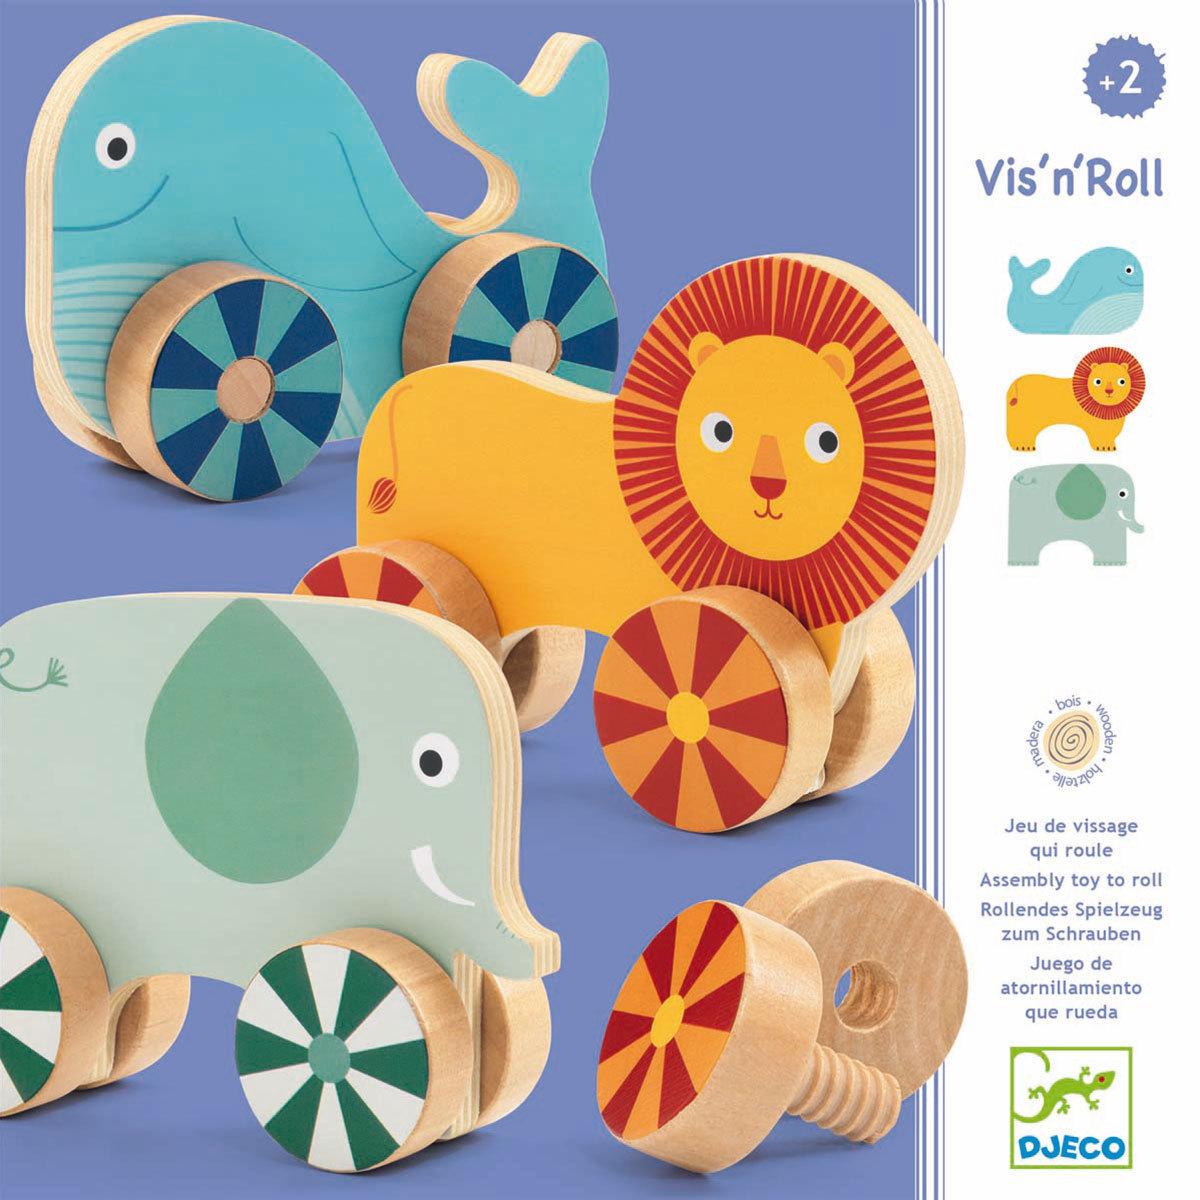 Mes premiers jouets Jouet d'Eveil - Vis'n'Roll Jouet d'Eveil - Vis'n'Roll